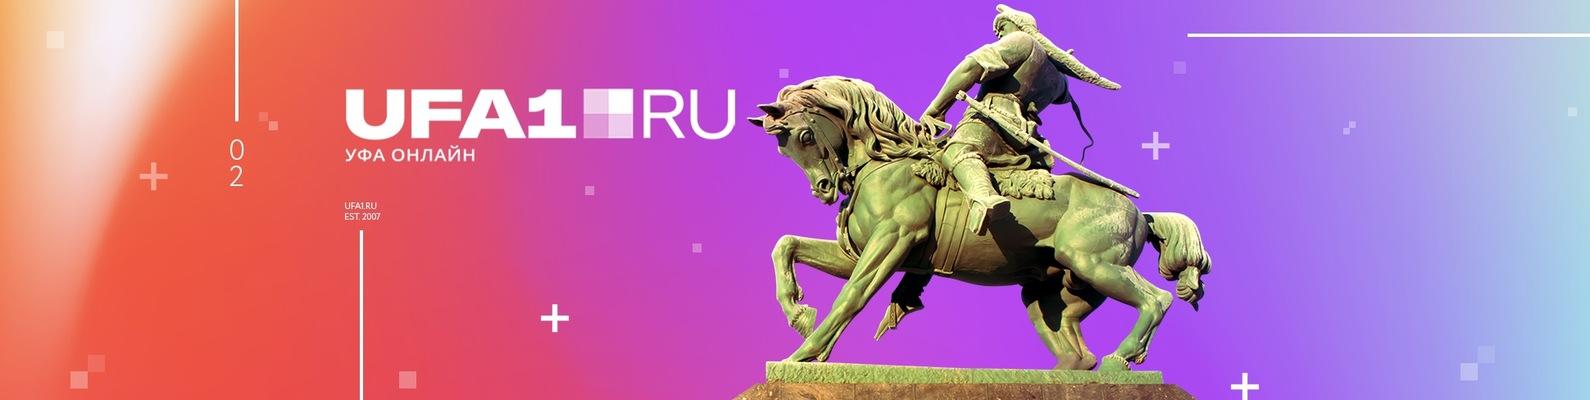 Ufa1.ru | новости Уфы и Республики Башкортостан | ВКонтакте